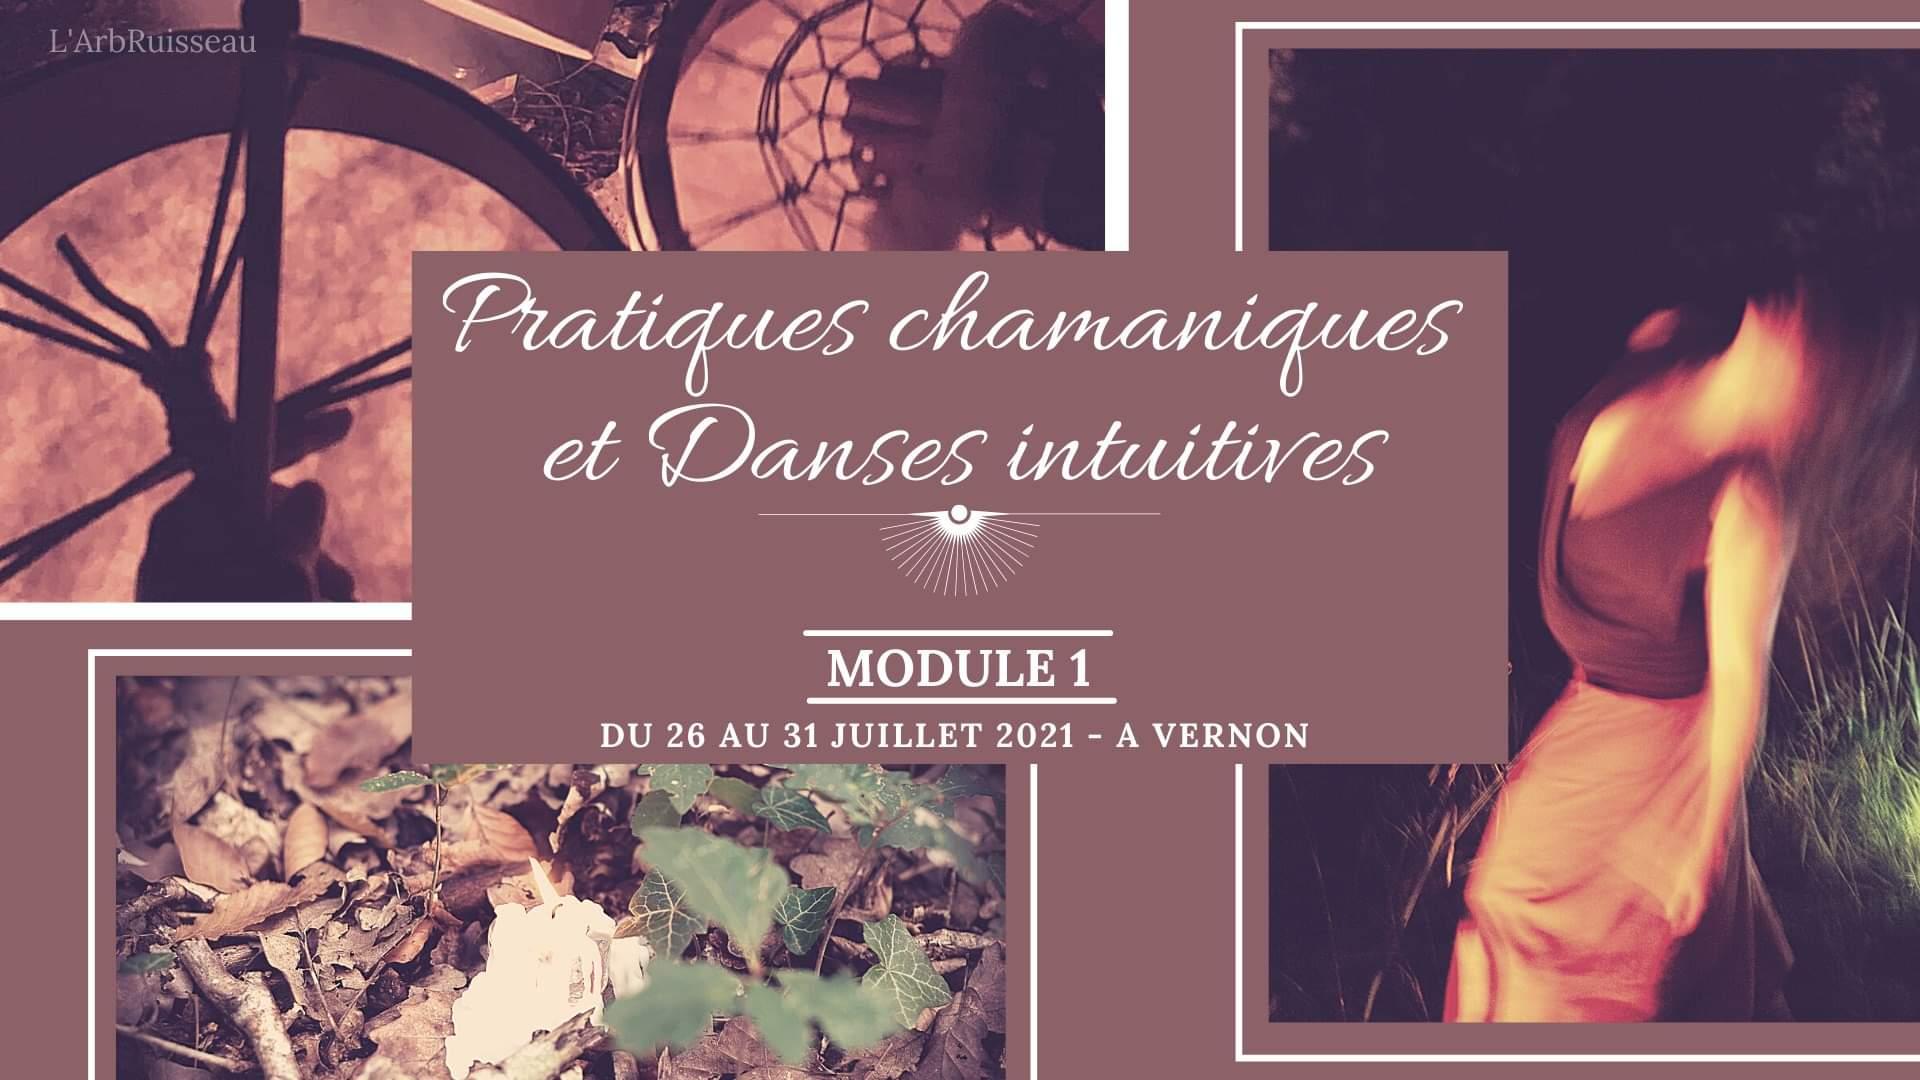 Pratiques Chamaniques et Danses Intuitives - Module 1